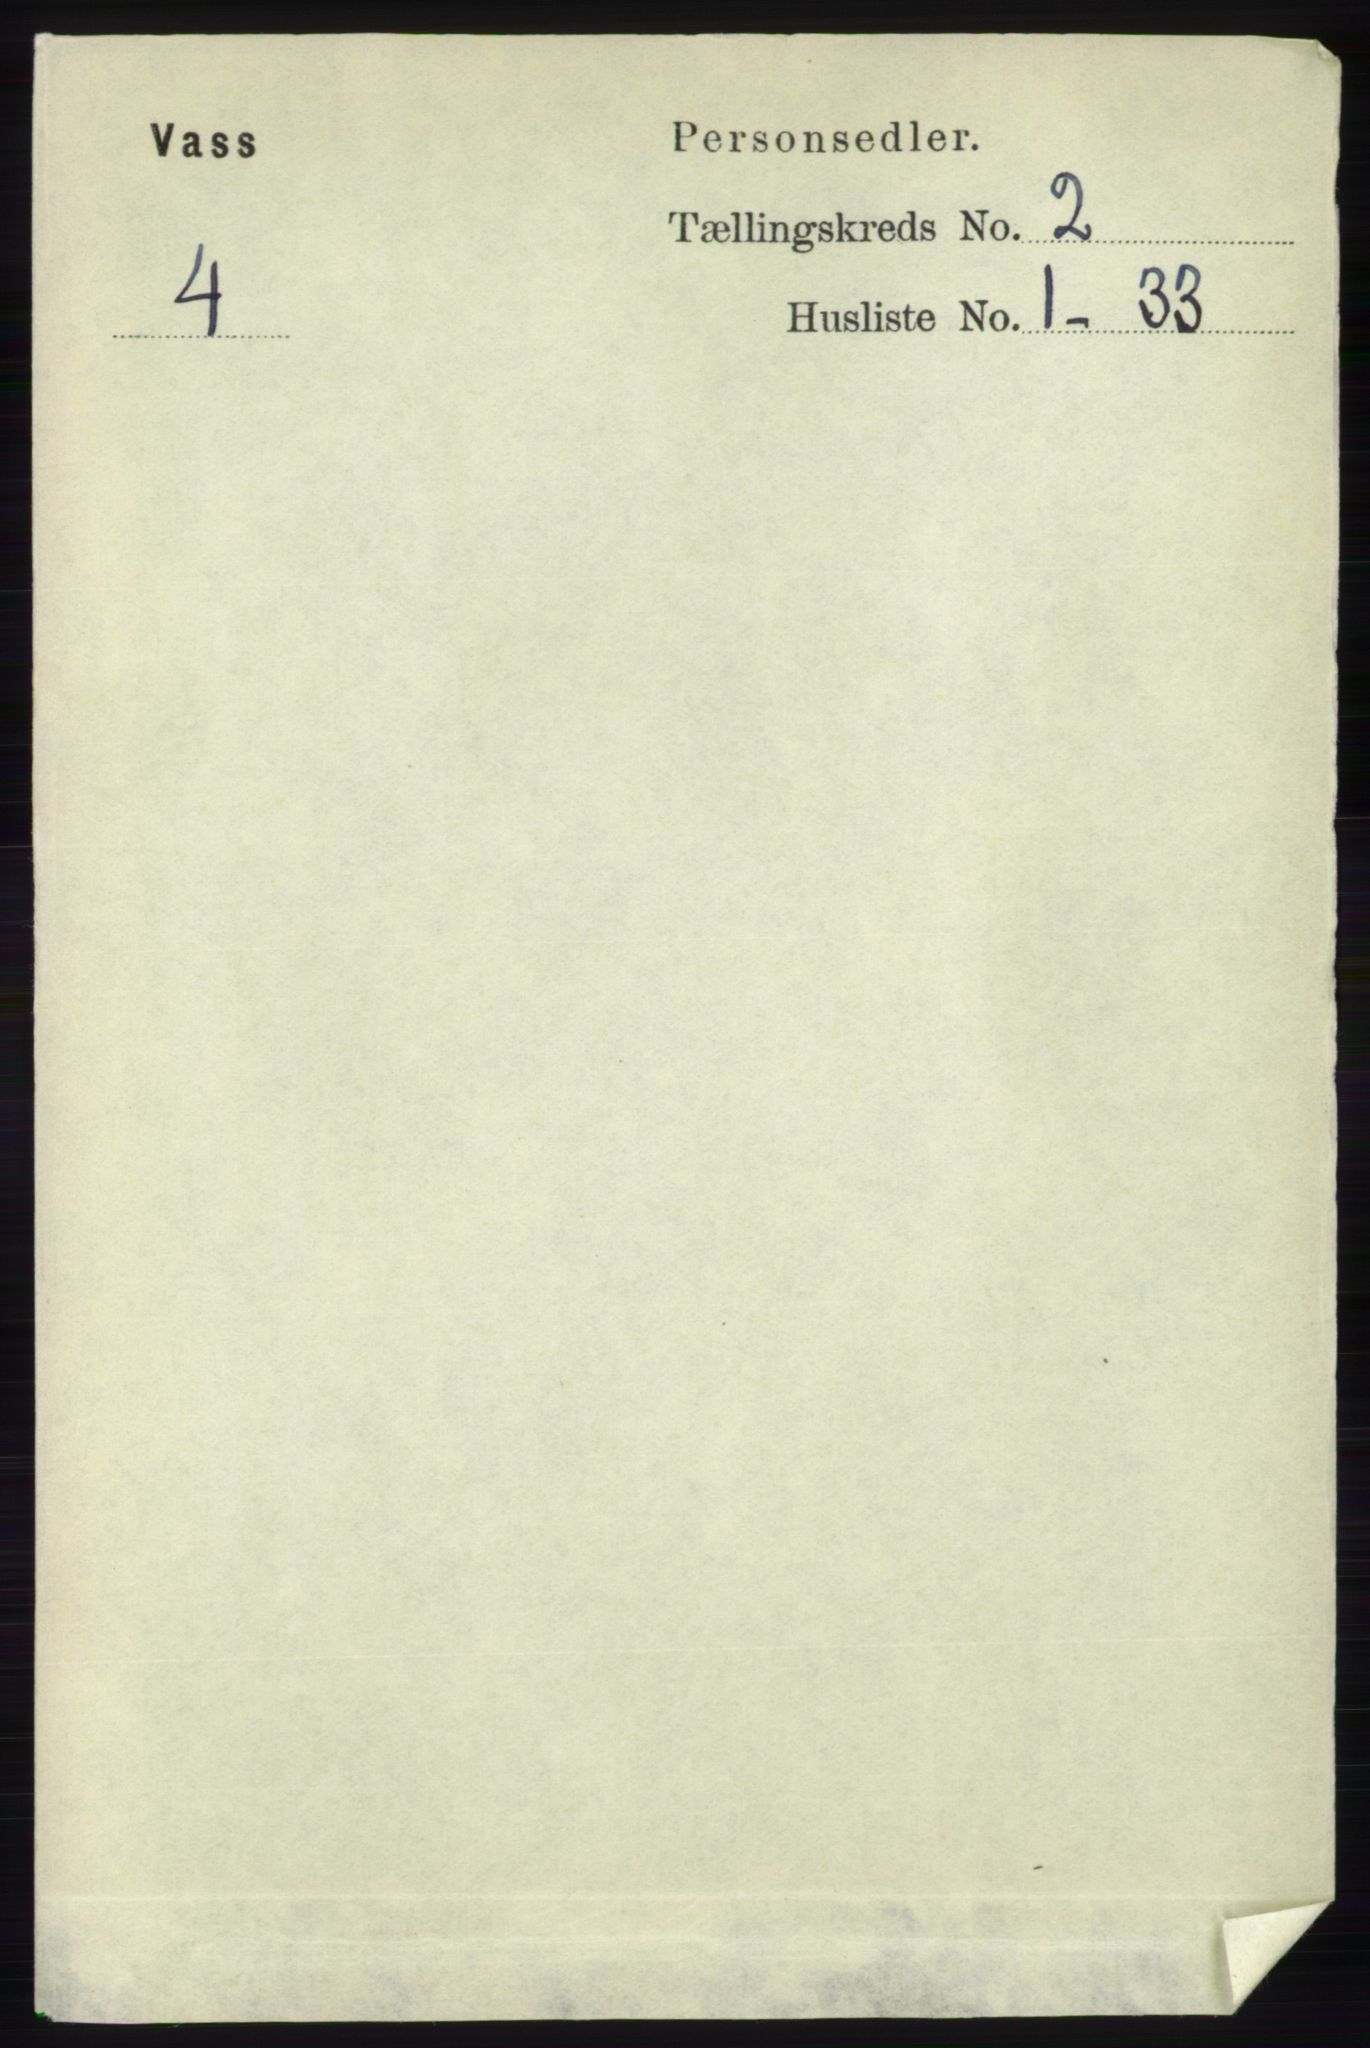 RA, Folketelling 1891 for 1155 Vats herred, 1891, s. 207